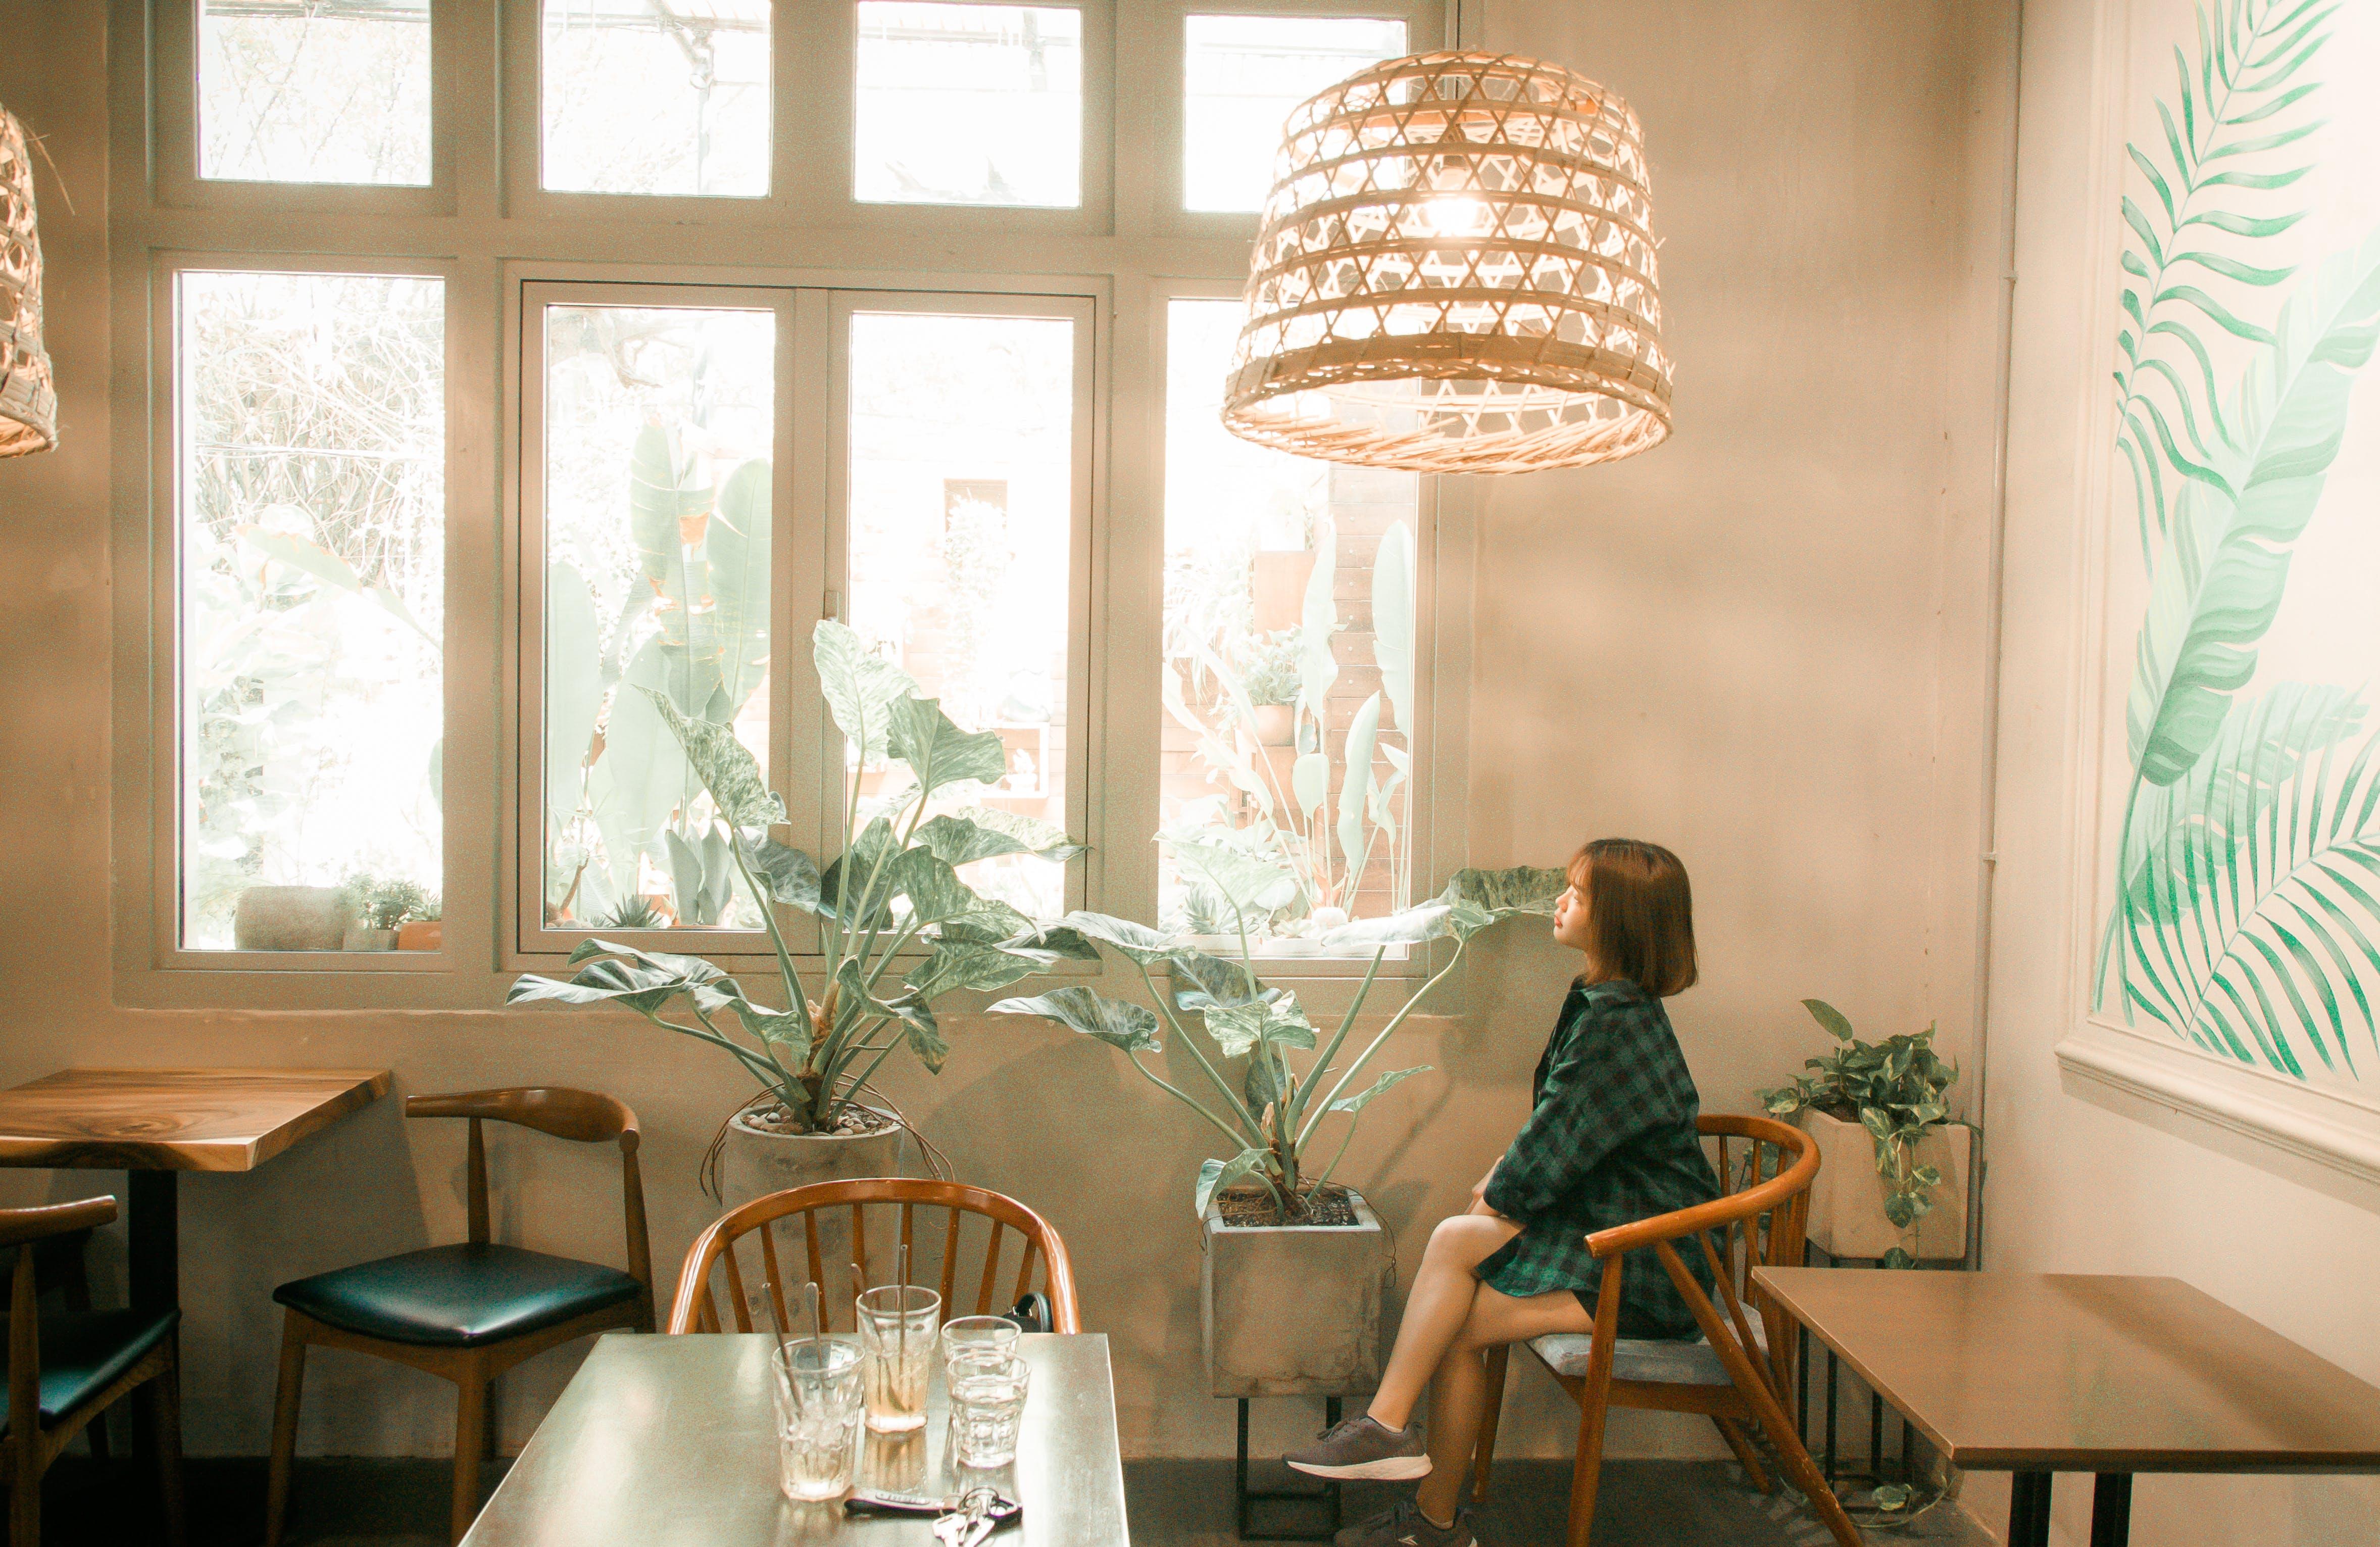 Ingyenes stockfotó ablakok, asztalok, belsőépítészet, beltéri témában